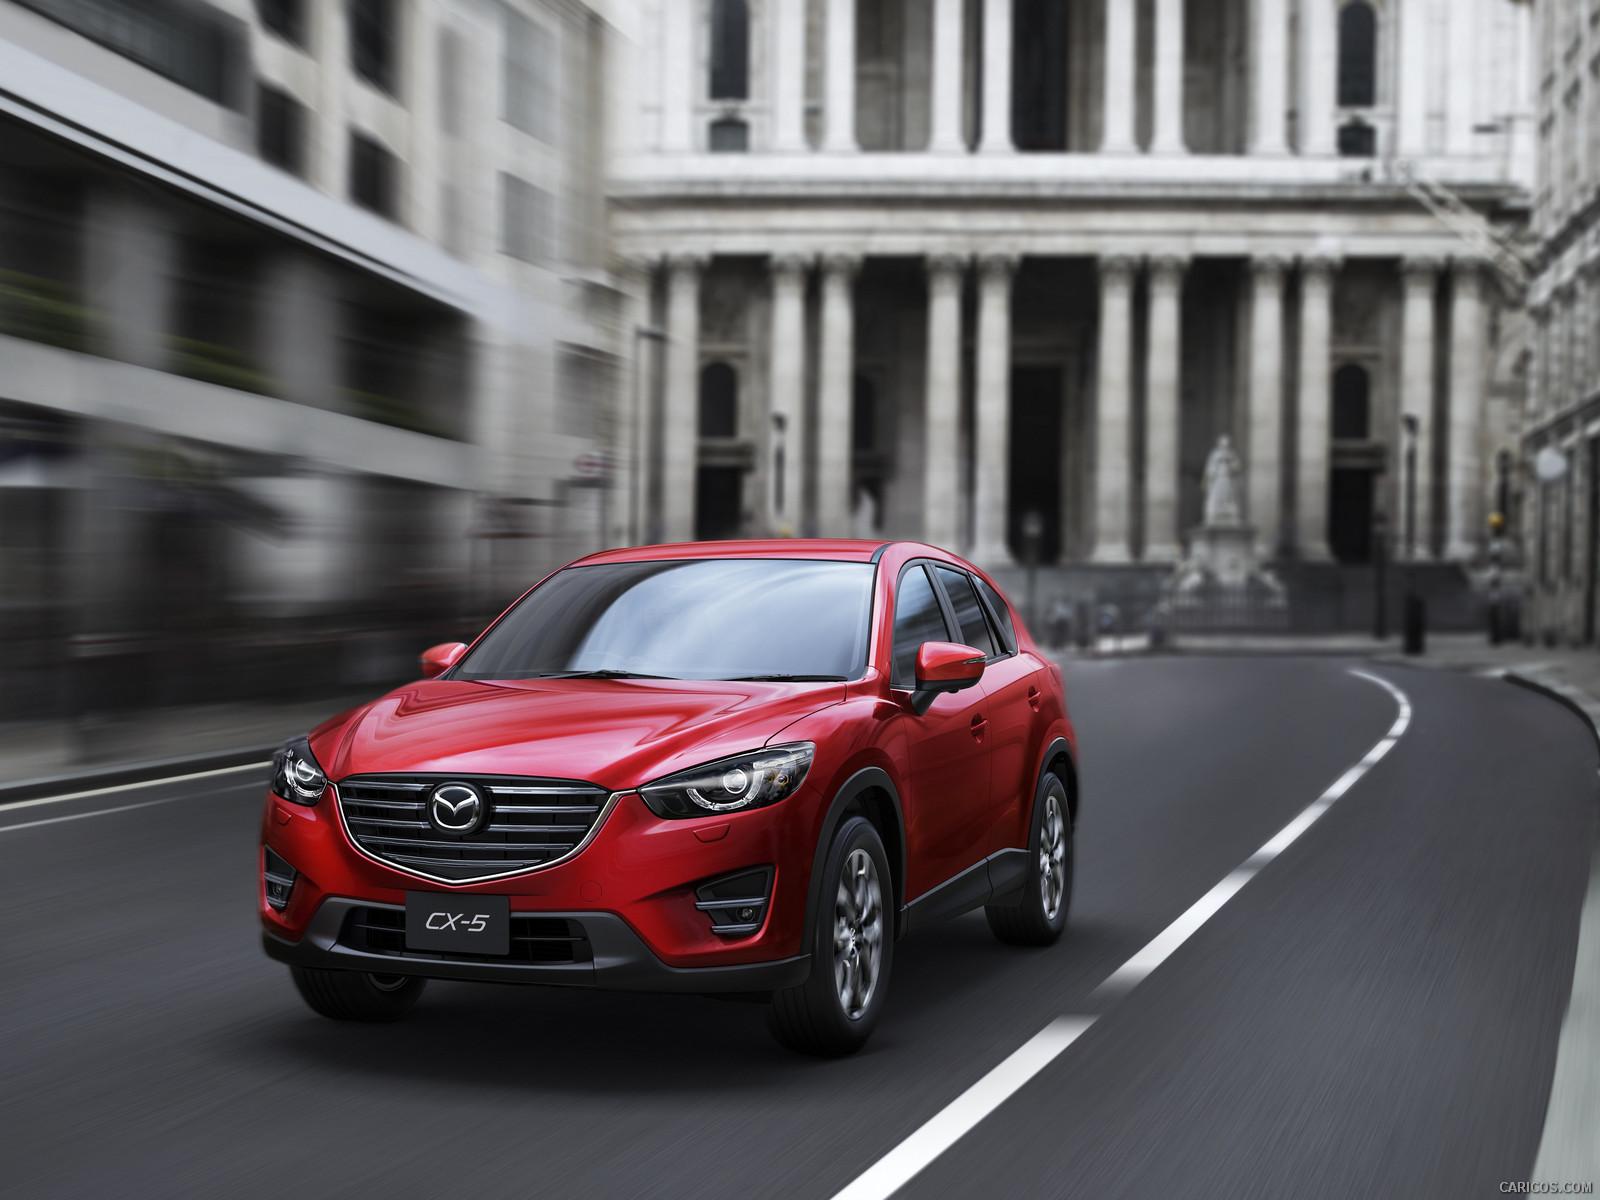 Mazda CX-5, Mazda CX-5 2016, 2016, Mazda CX5 đời 2016